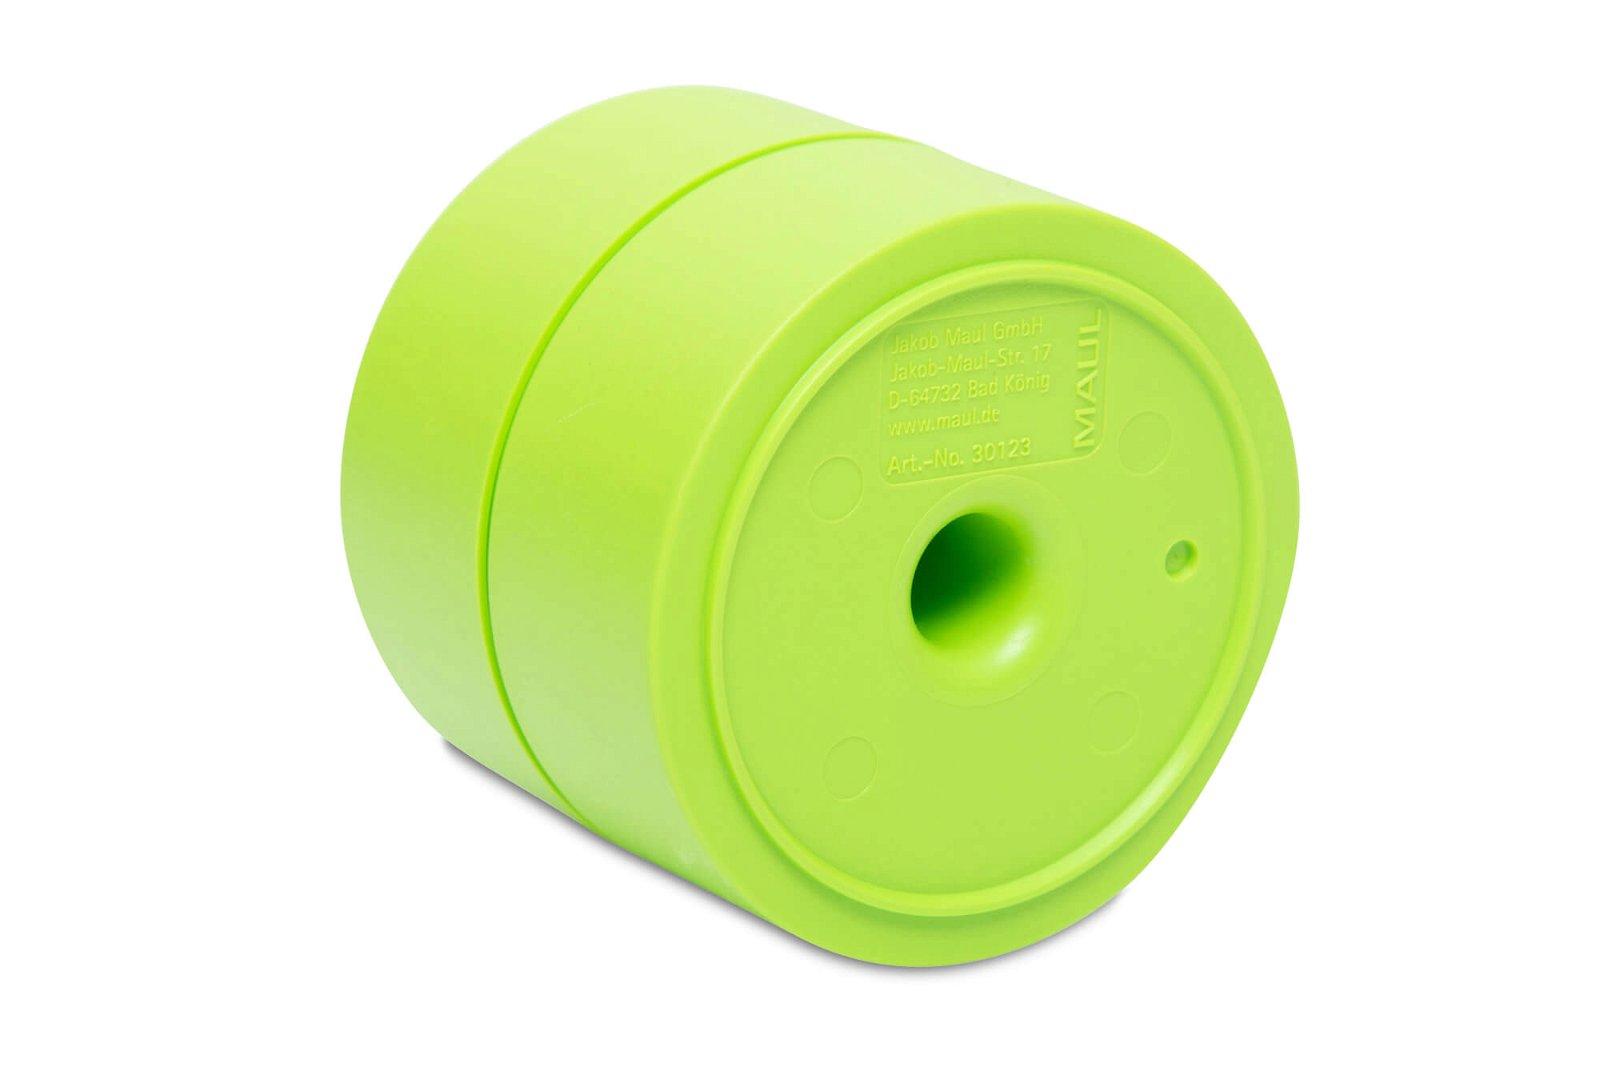 Klammernspender MAULpro, hellgrün